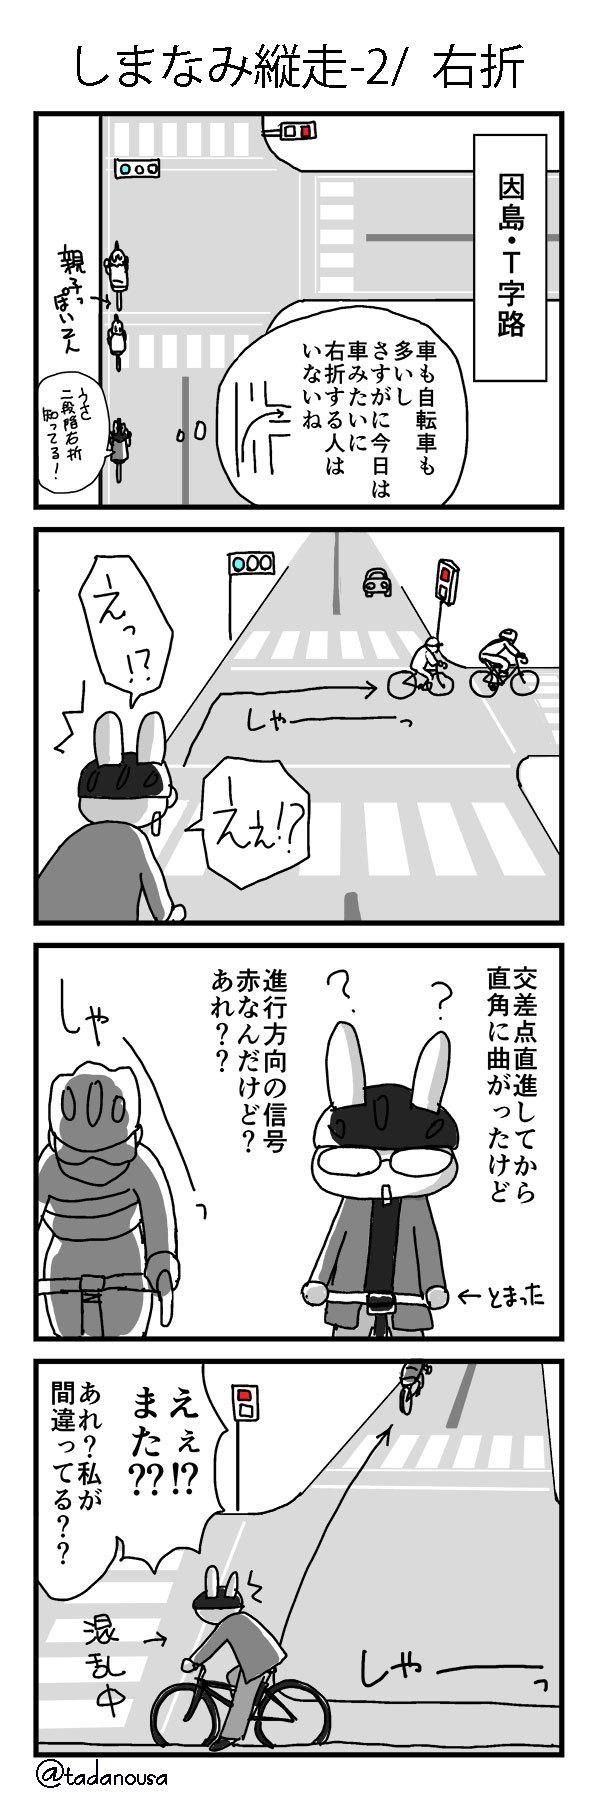 しまなみ縦走2